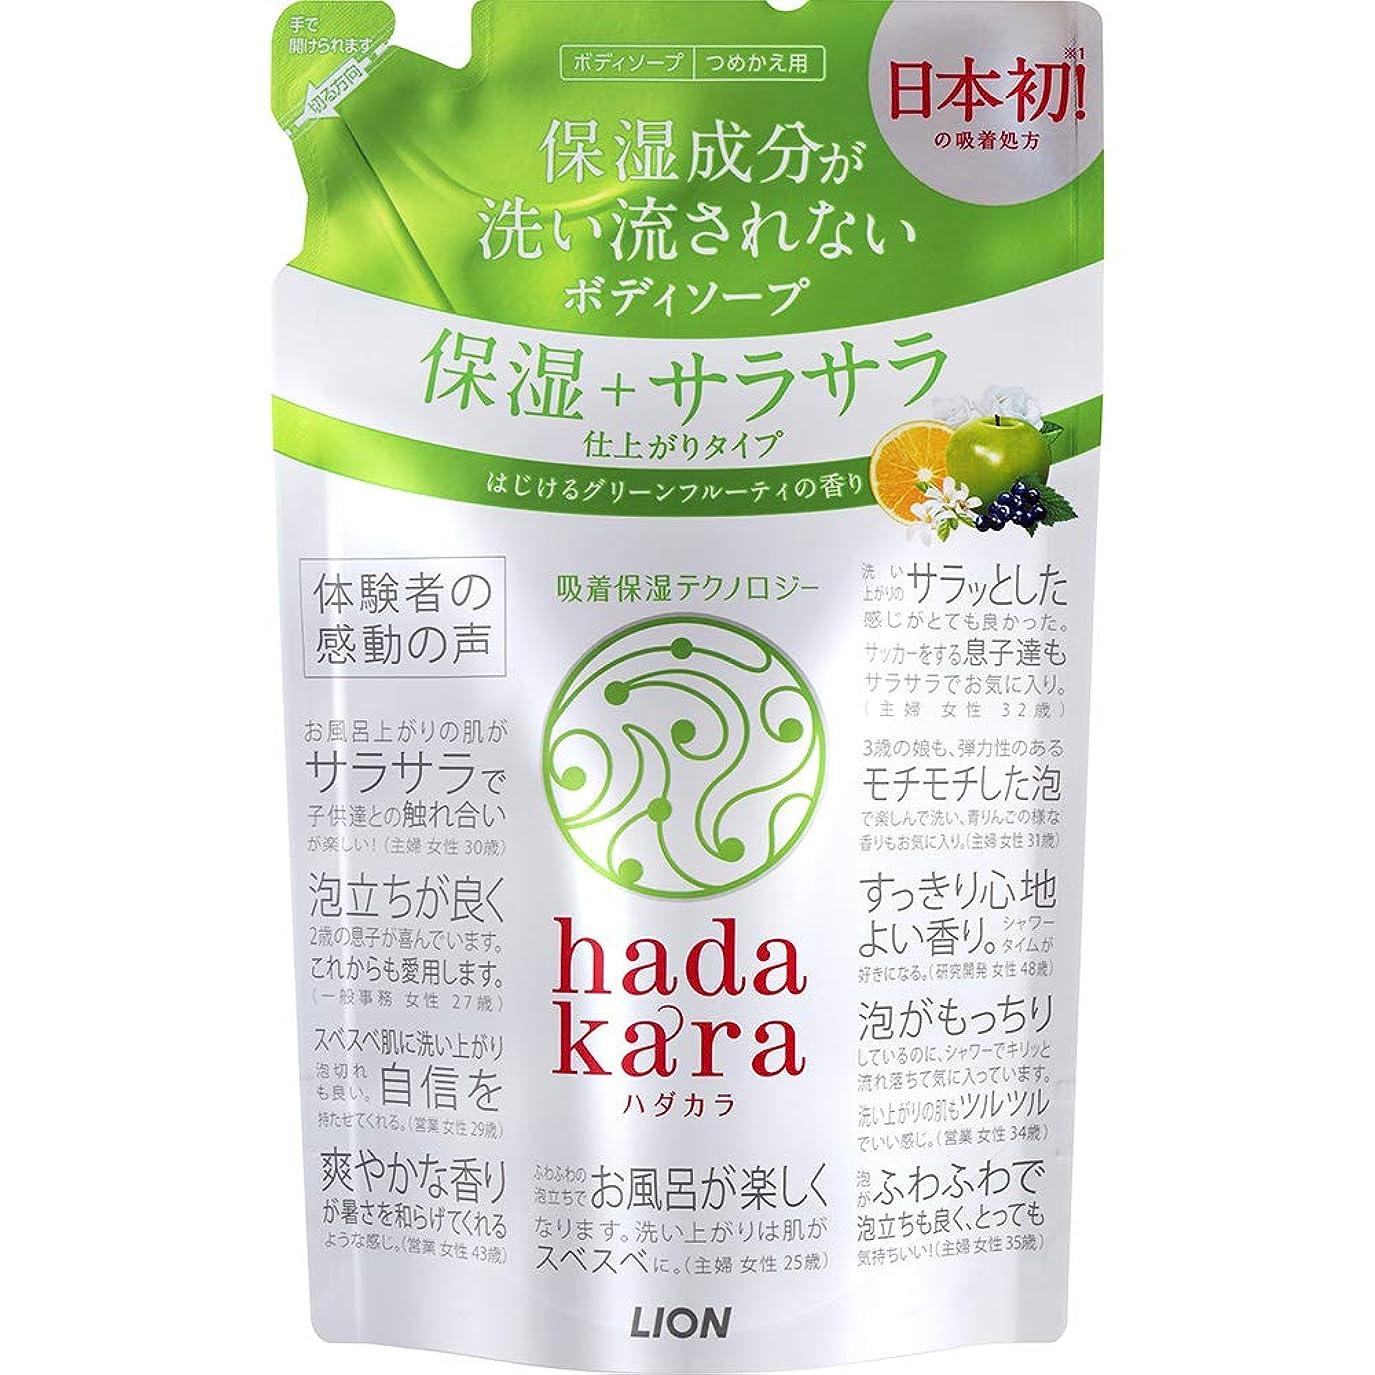 釈義支出ずらすhadakara(ハダカラ) ボディソープ 保湿+サラサラ仕上がりタイプ グリーンフルーティの香り 詰め替え 340ml